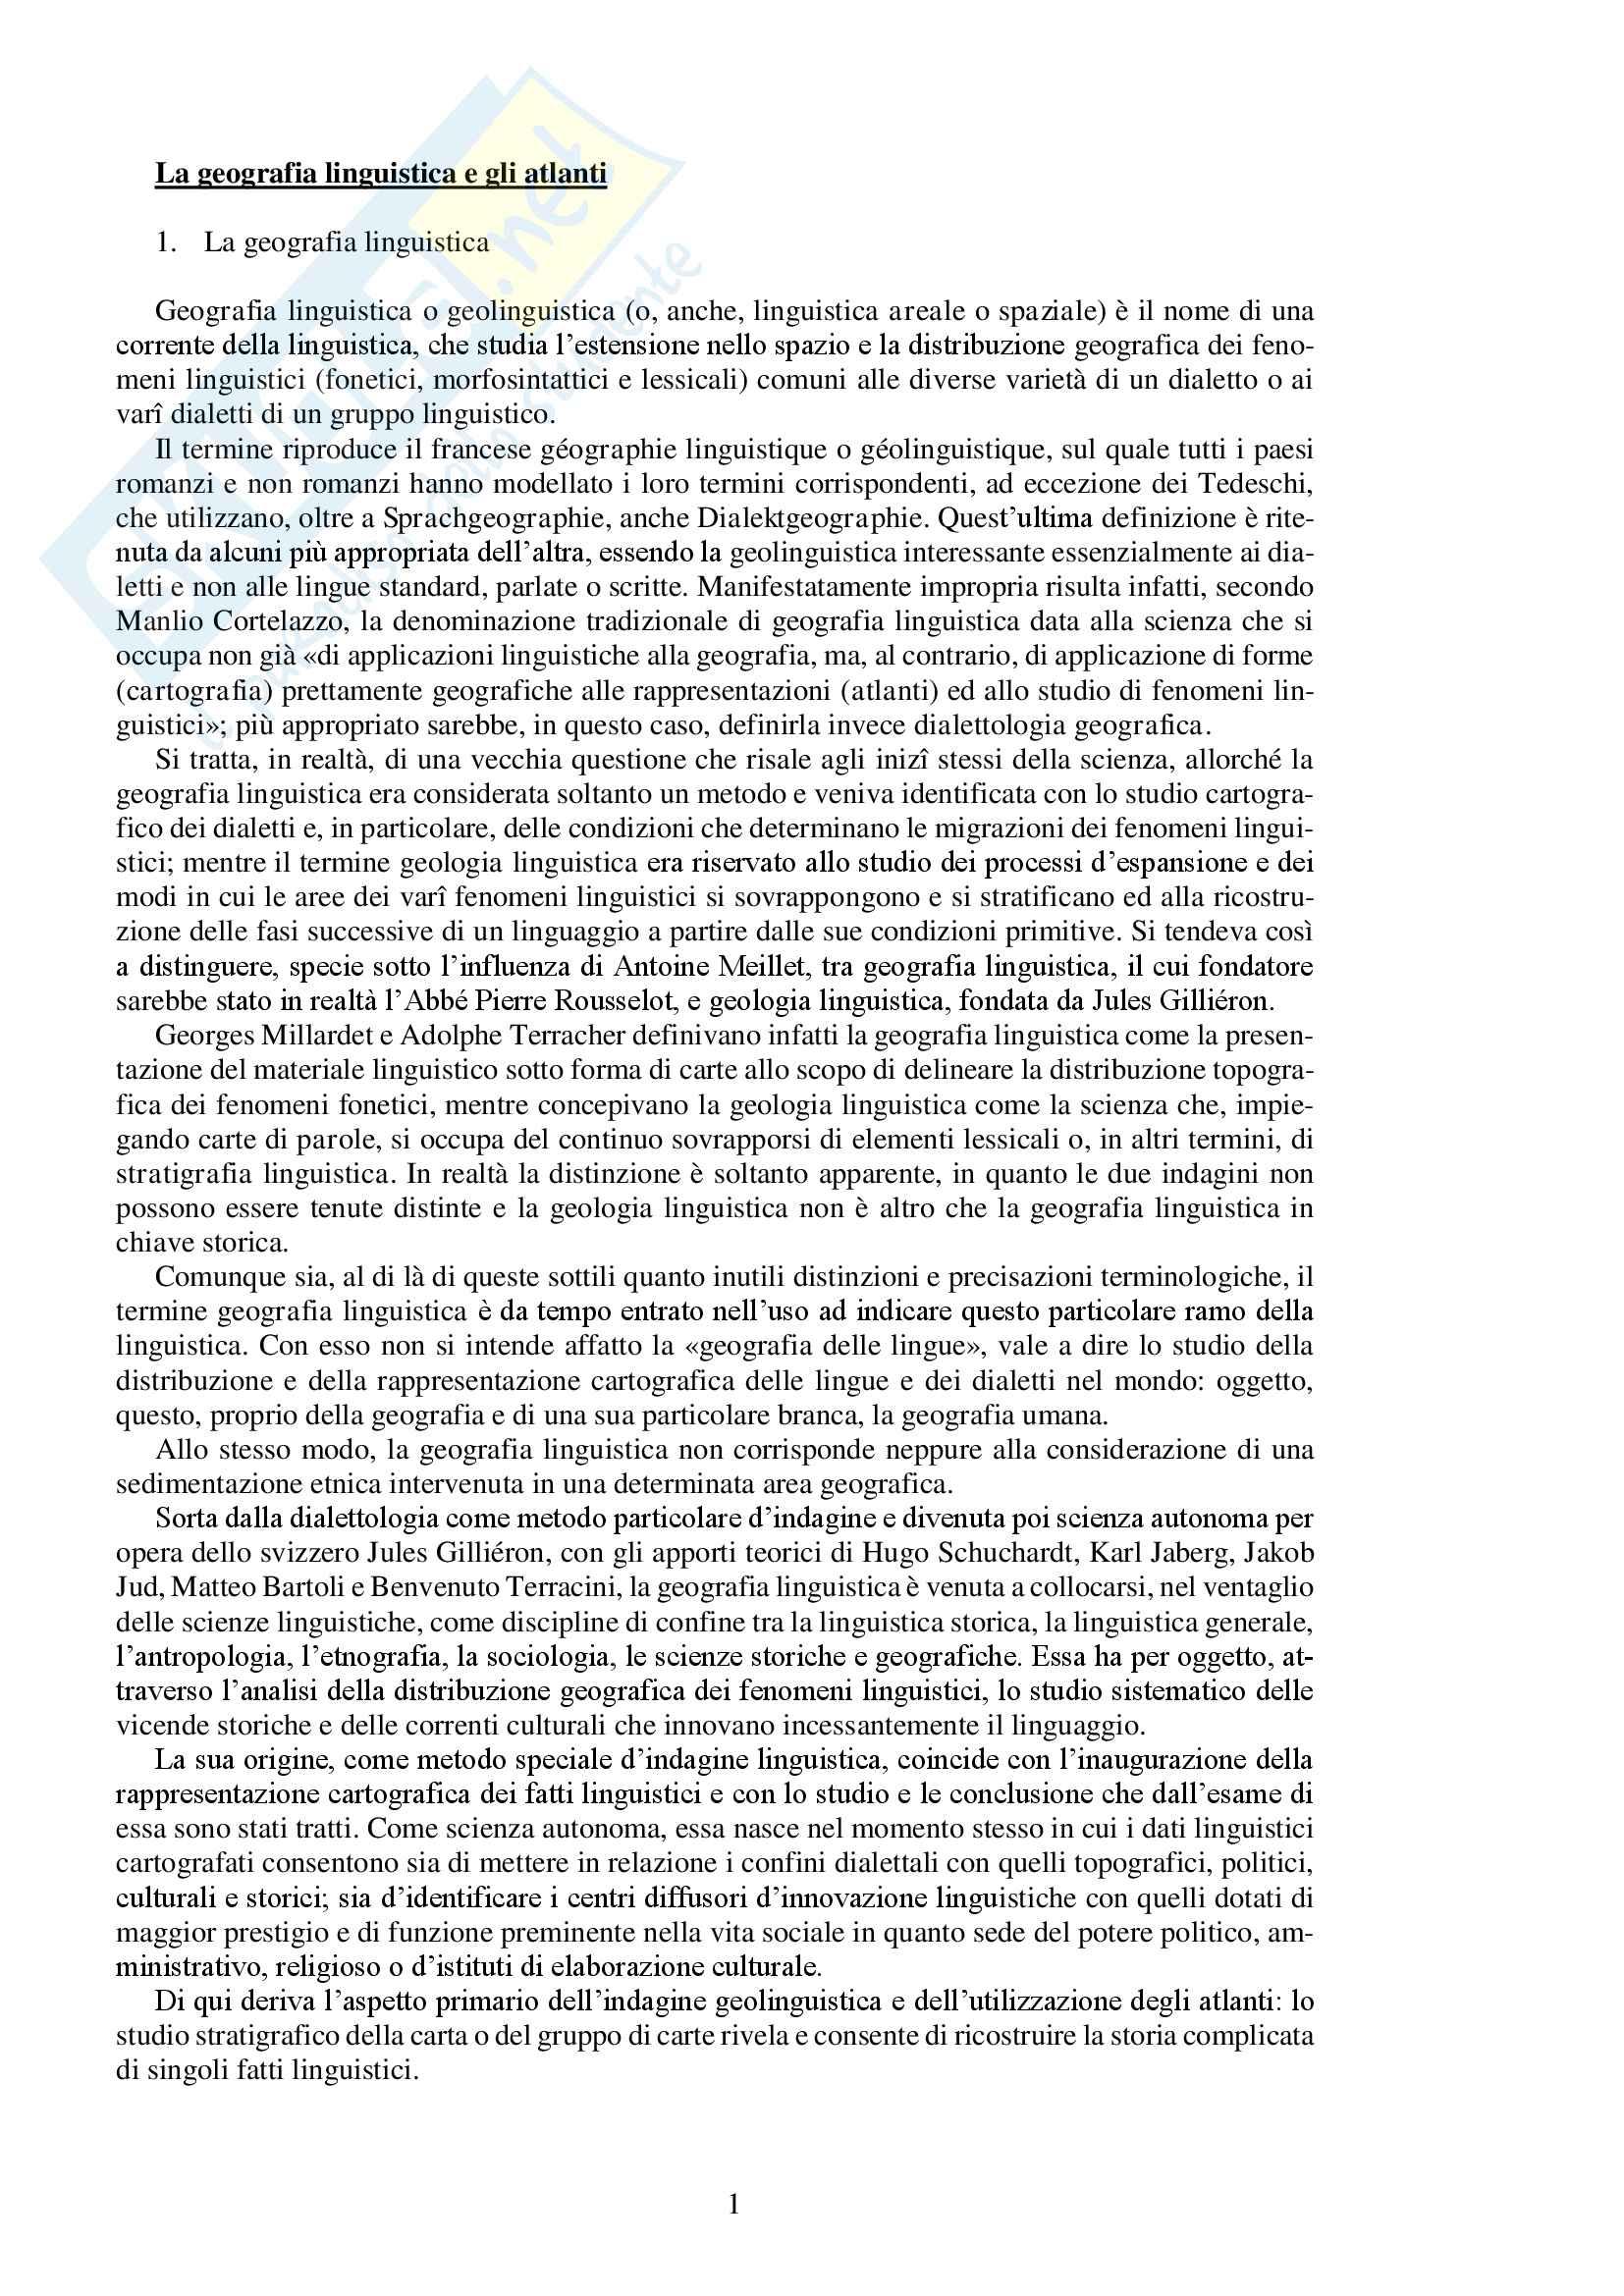 """Riassunto esame Geografia linguistica, prof.ssa Cugno, libro consigliato """"Gli atlanti linguistici della Romània. Corso di geografia linguistica"""" di F. Cugno e L. Massobrio"""